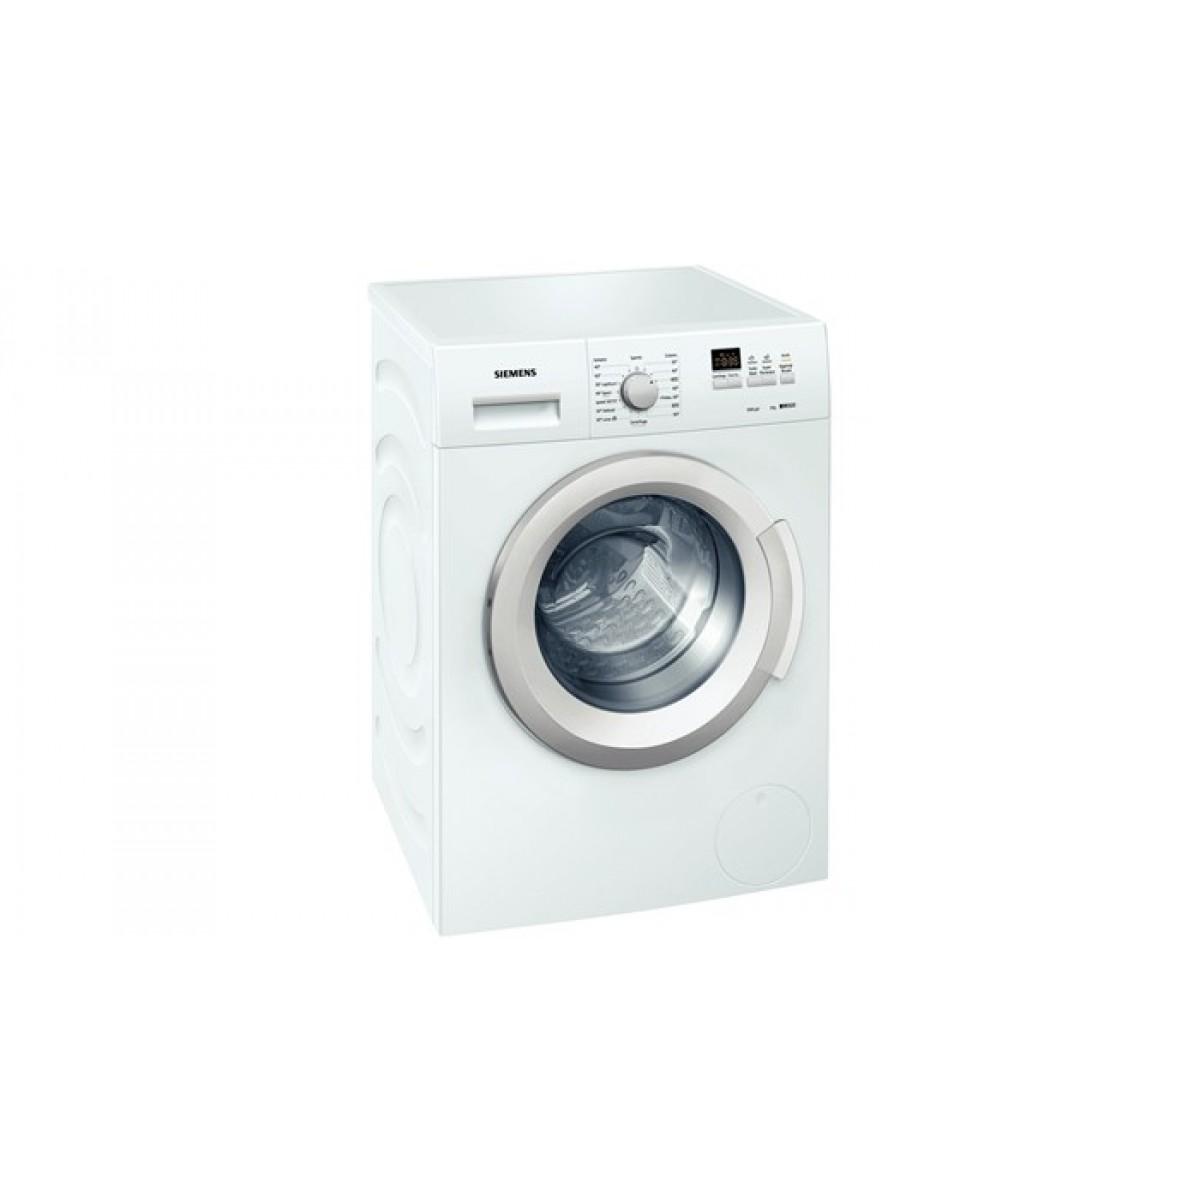 Siemens lavatrice compatta ws10k166it barbuti for Peso lavatrice